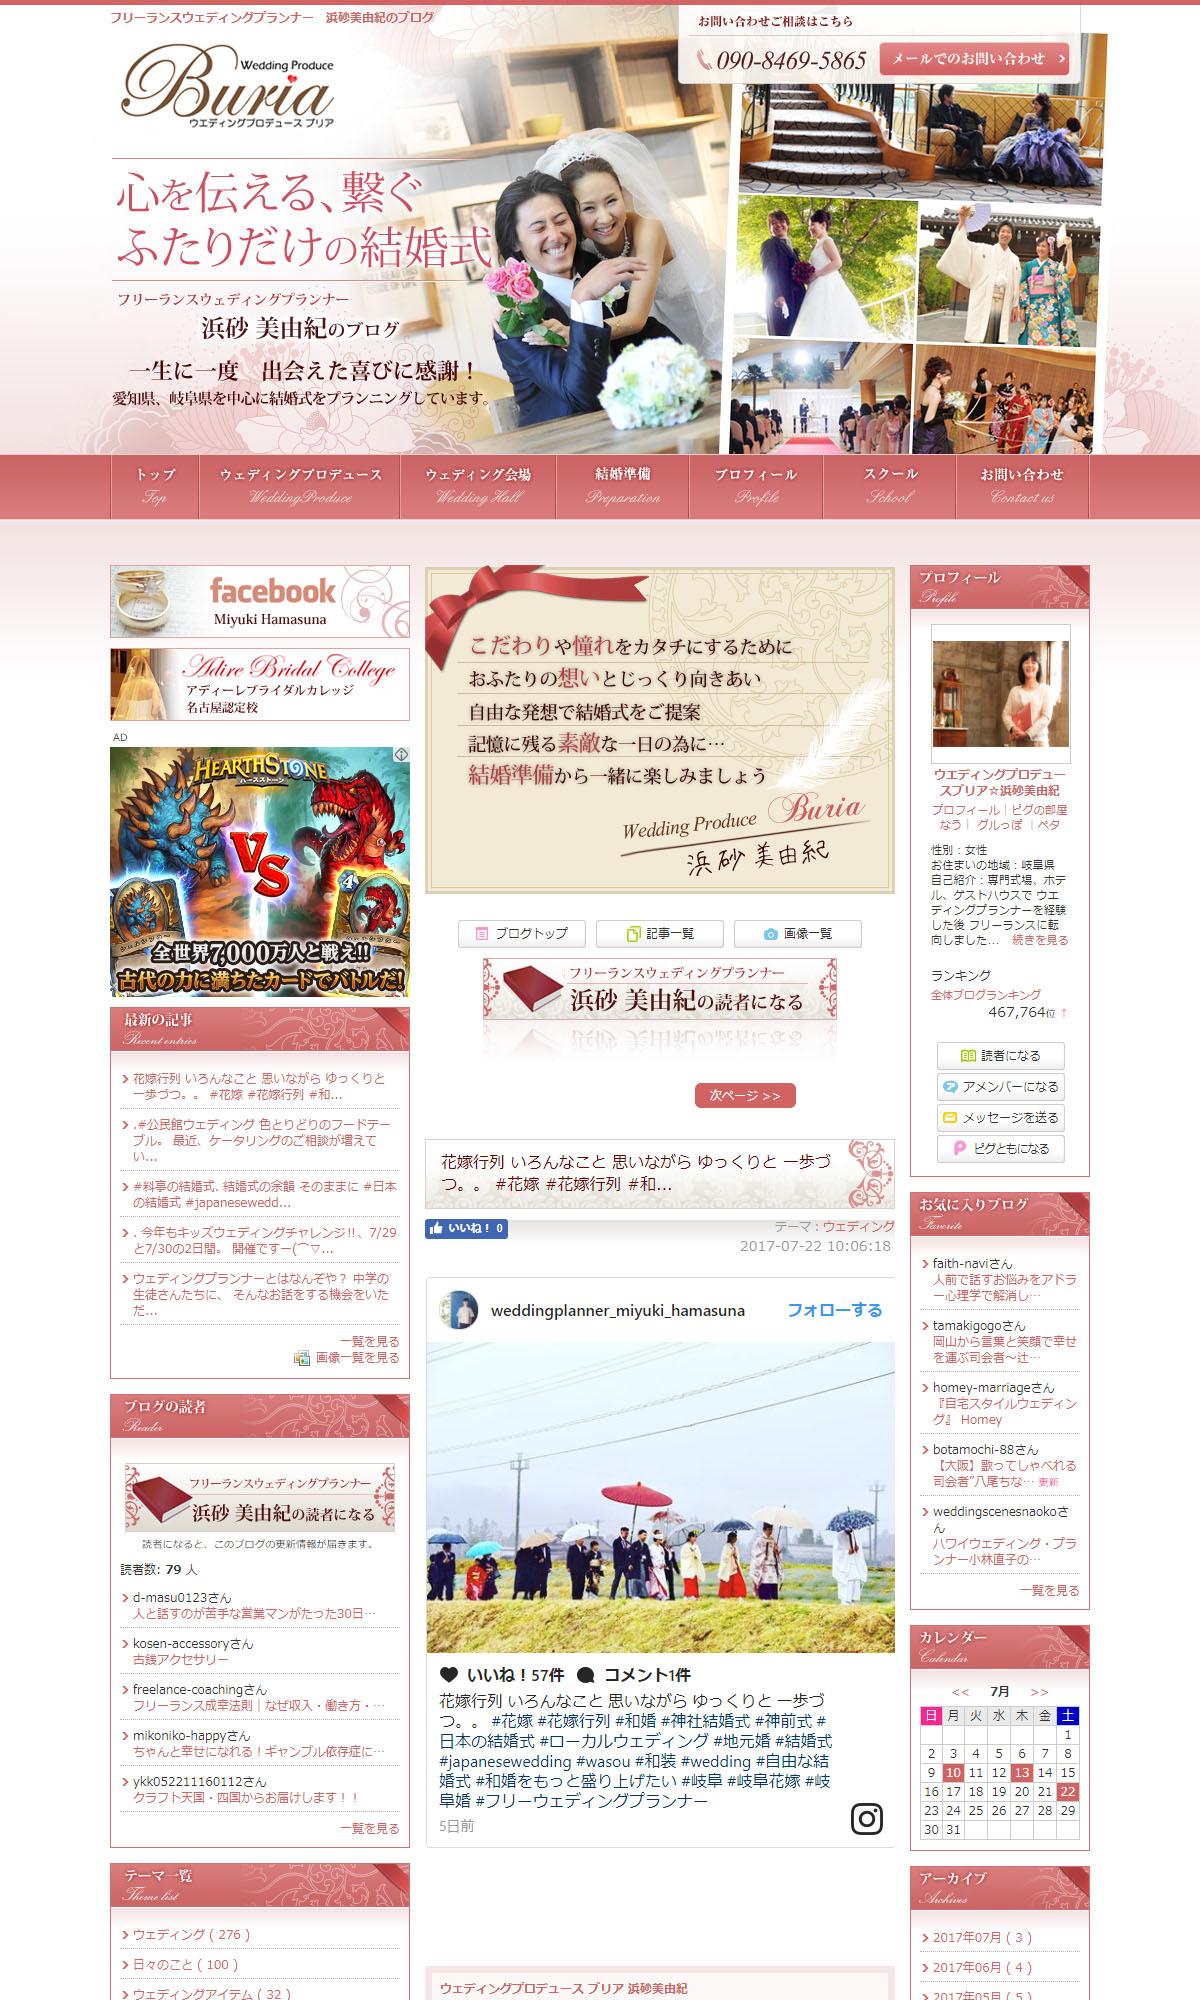 フリーランスウェディングプランナー 浜砂美由紀のブログ